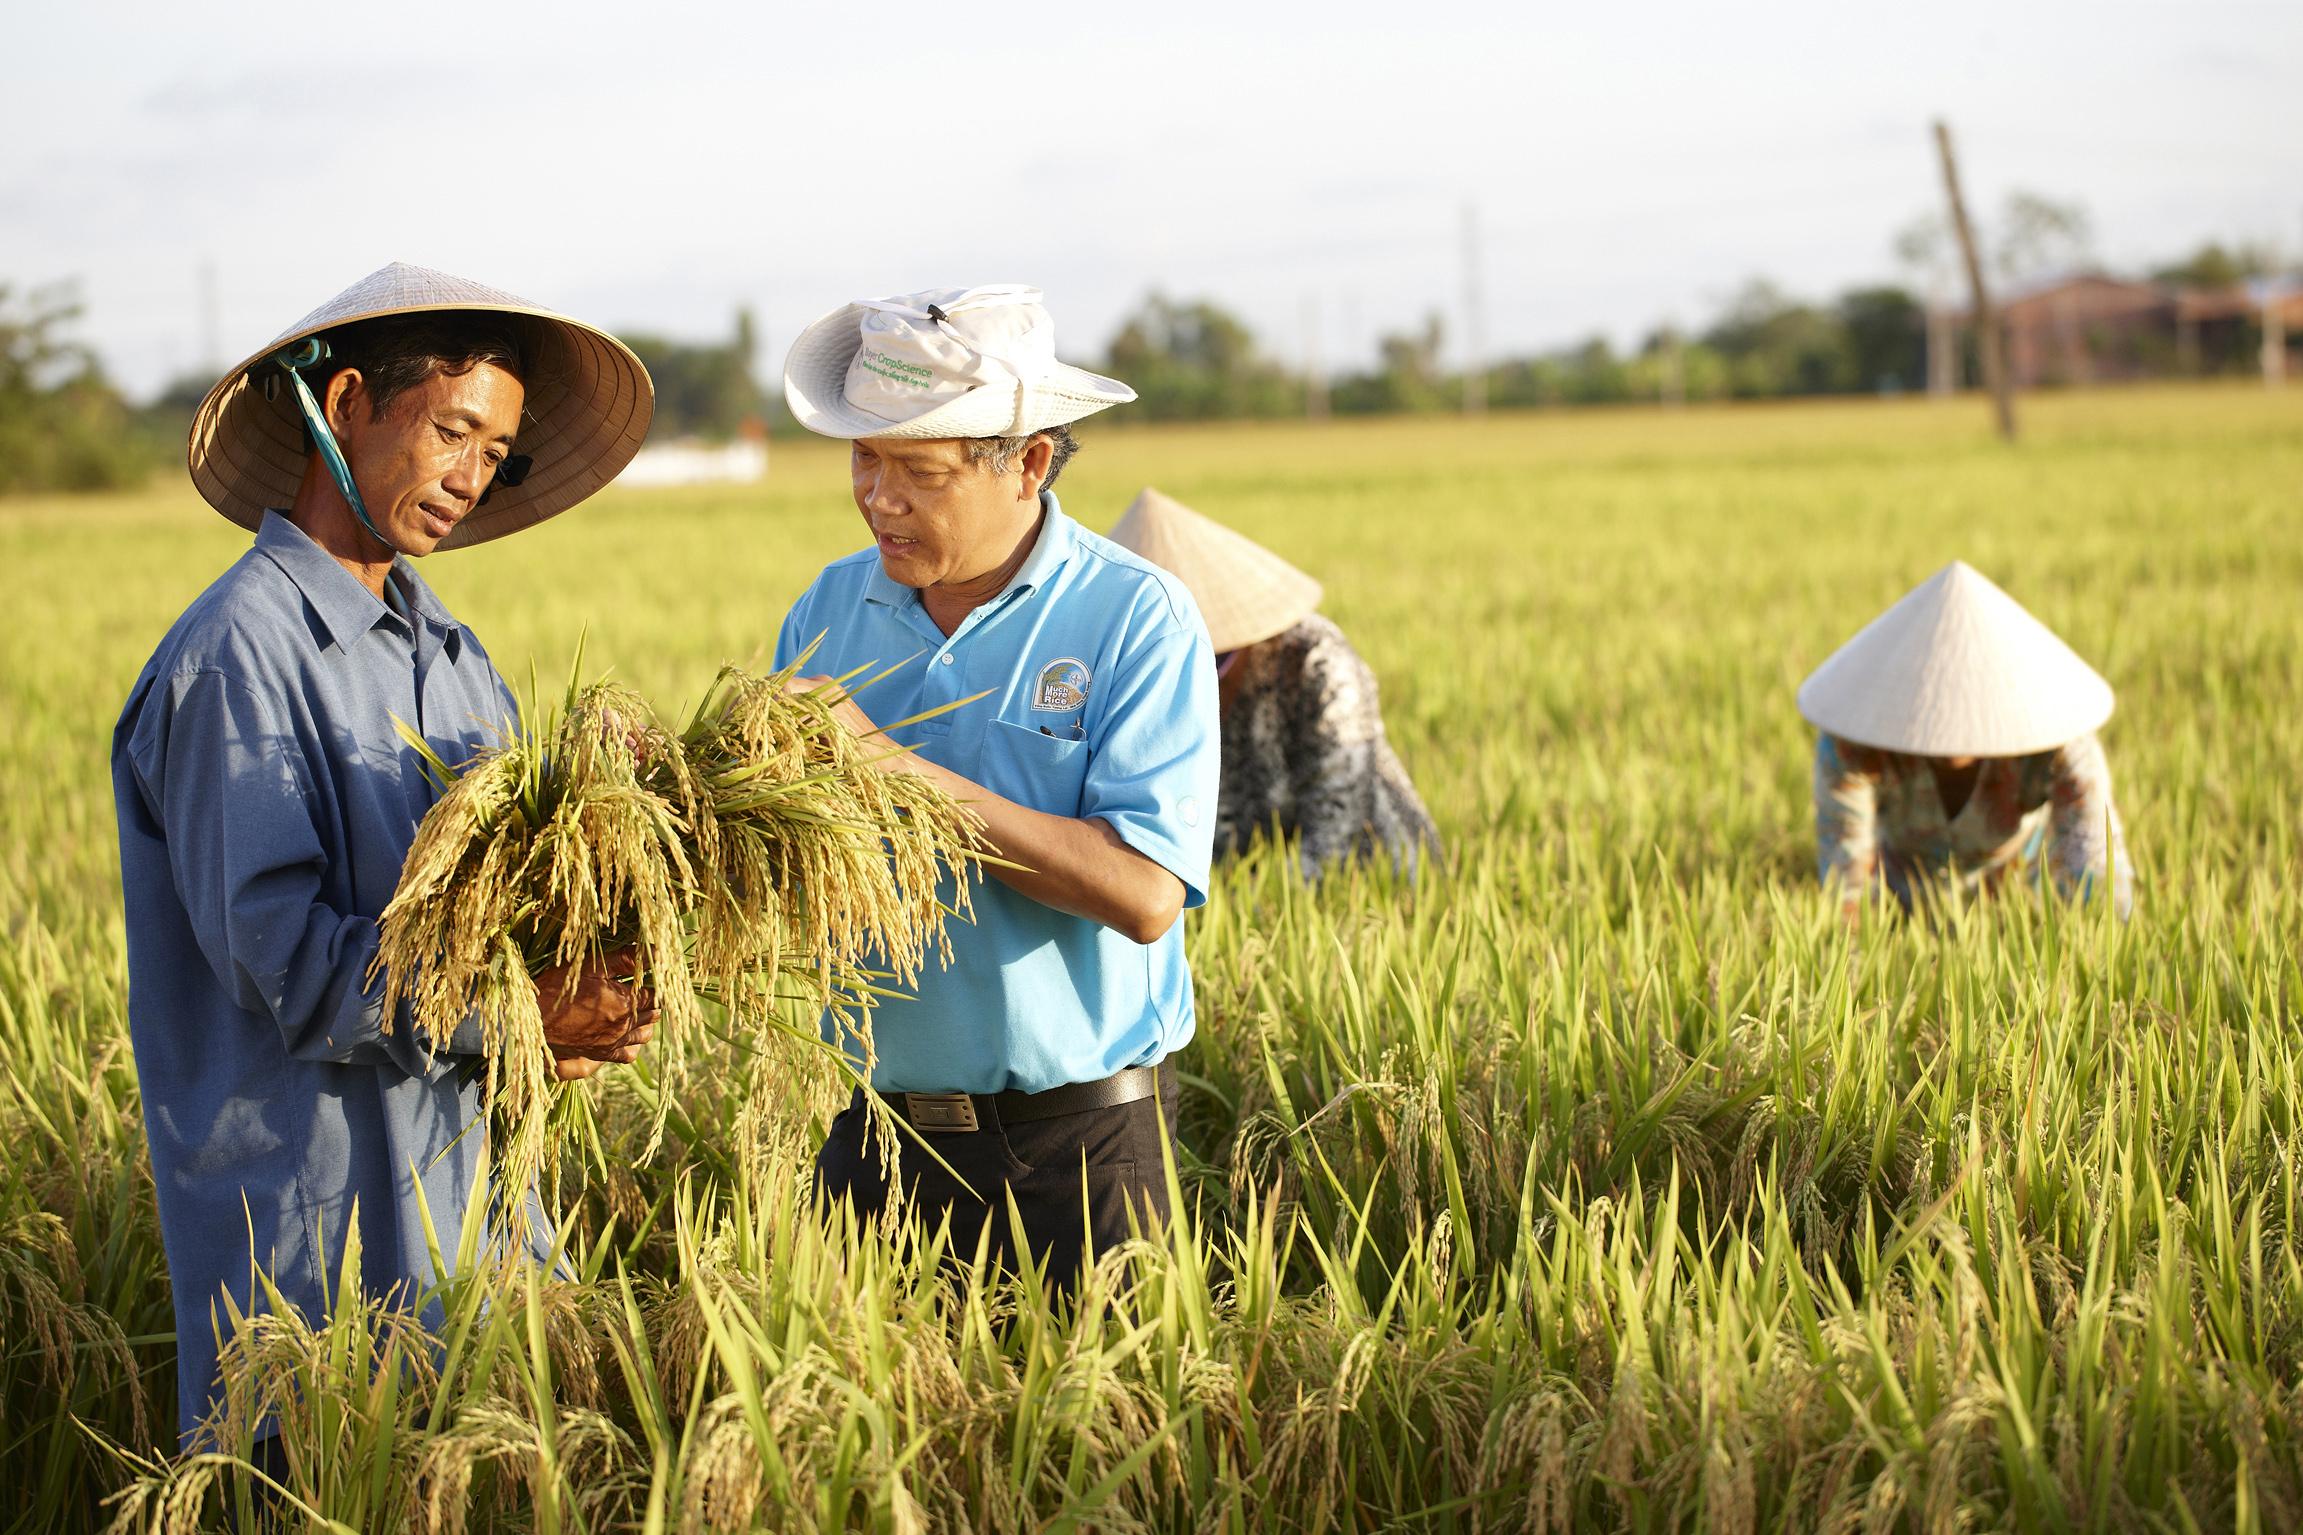 PR-Foto der Bayer-Sparte Crop Science, die nach der Monsanto-Übernahme wachsen würde: Die Bayer-Division ist nach eigenen Angaben eines der weltweit führenden Crop-Science-Unternehmen im Bereich Saatgut, Pflanzenschutz und Schädlingsbekämpfung. Kritiker finden das Geschäftsmodell wenig nachhaltig. / Foto: Bayer